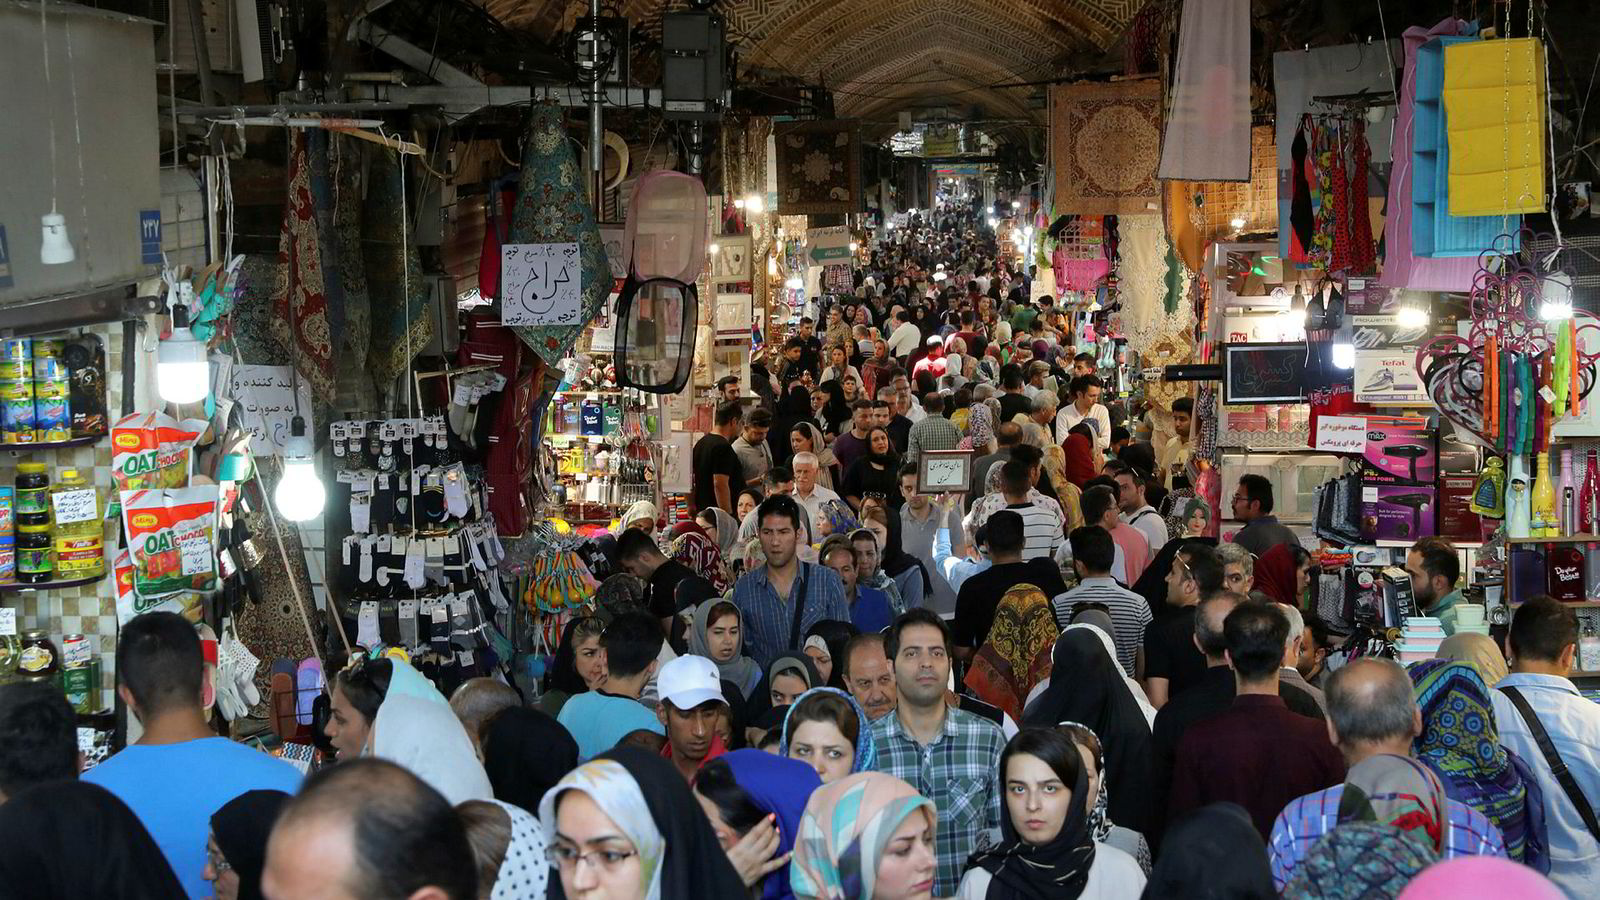 Mange iranere skylder ikke bare på sanksjonene fra USA, men på sine egne ledere og korrupsjon for den økonomiske krisen i landet.